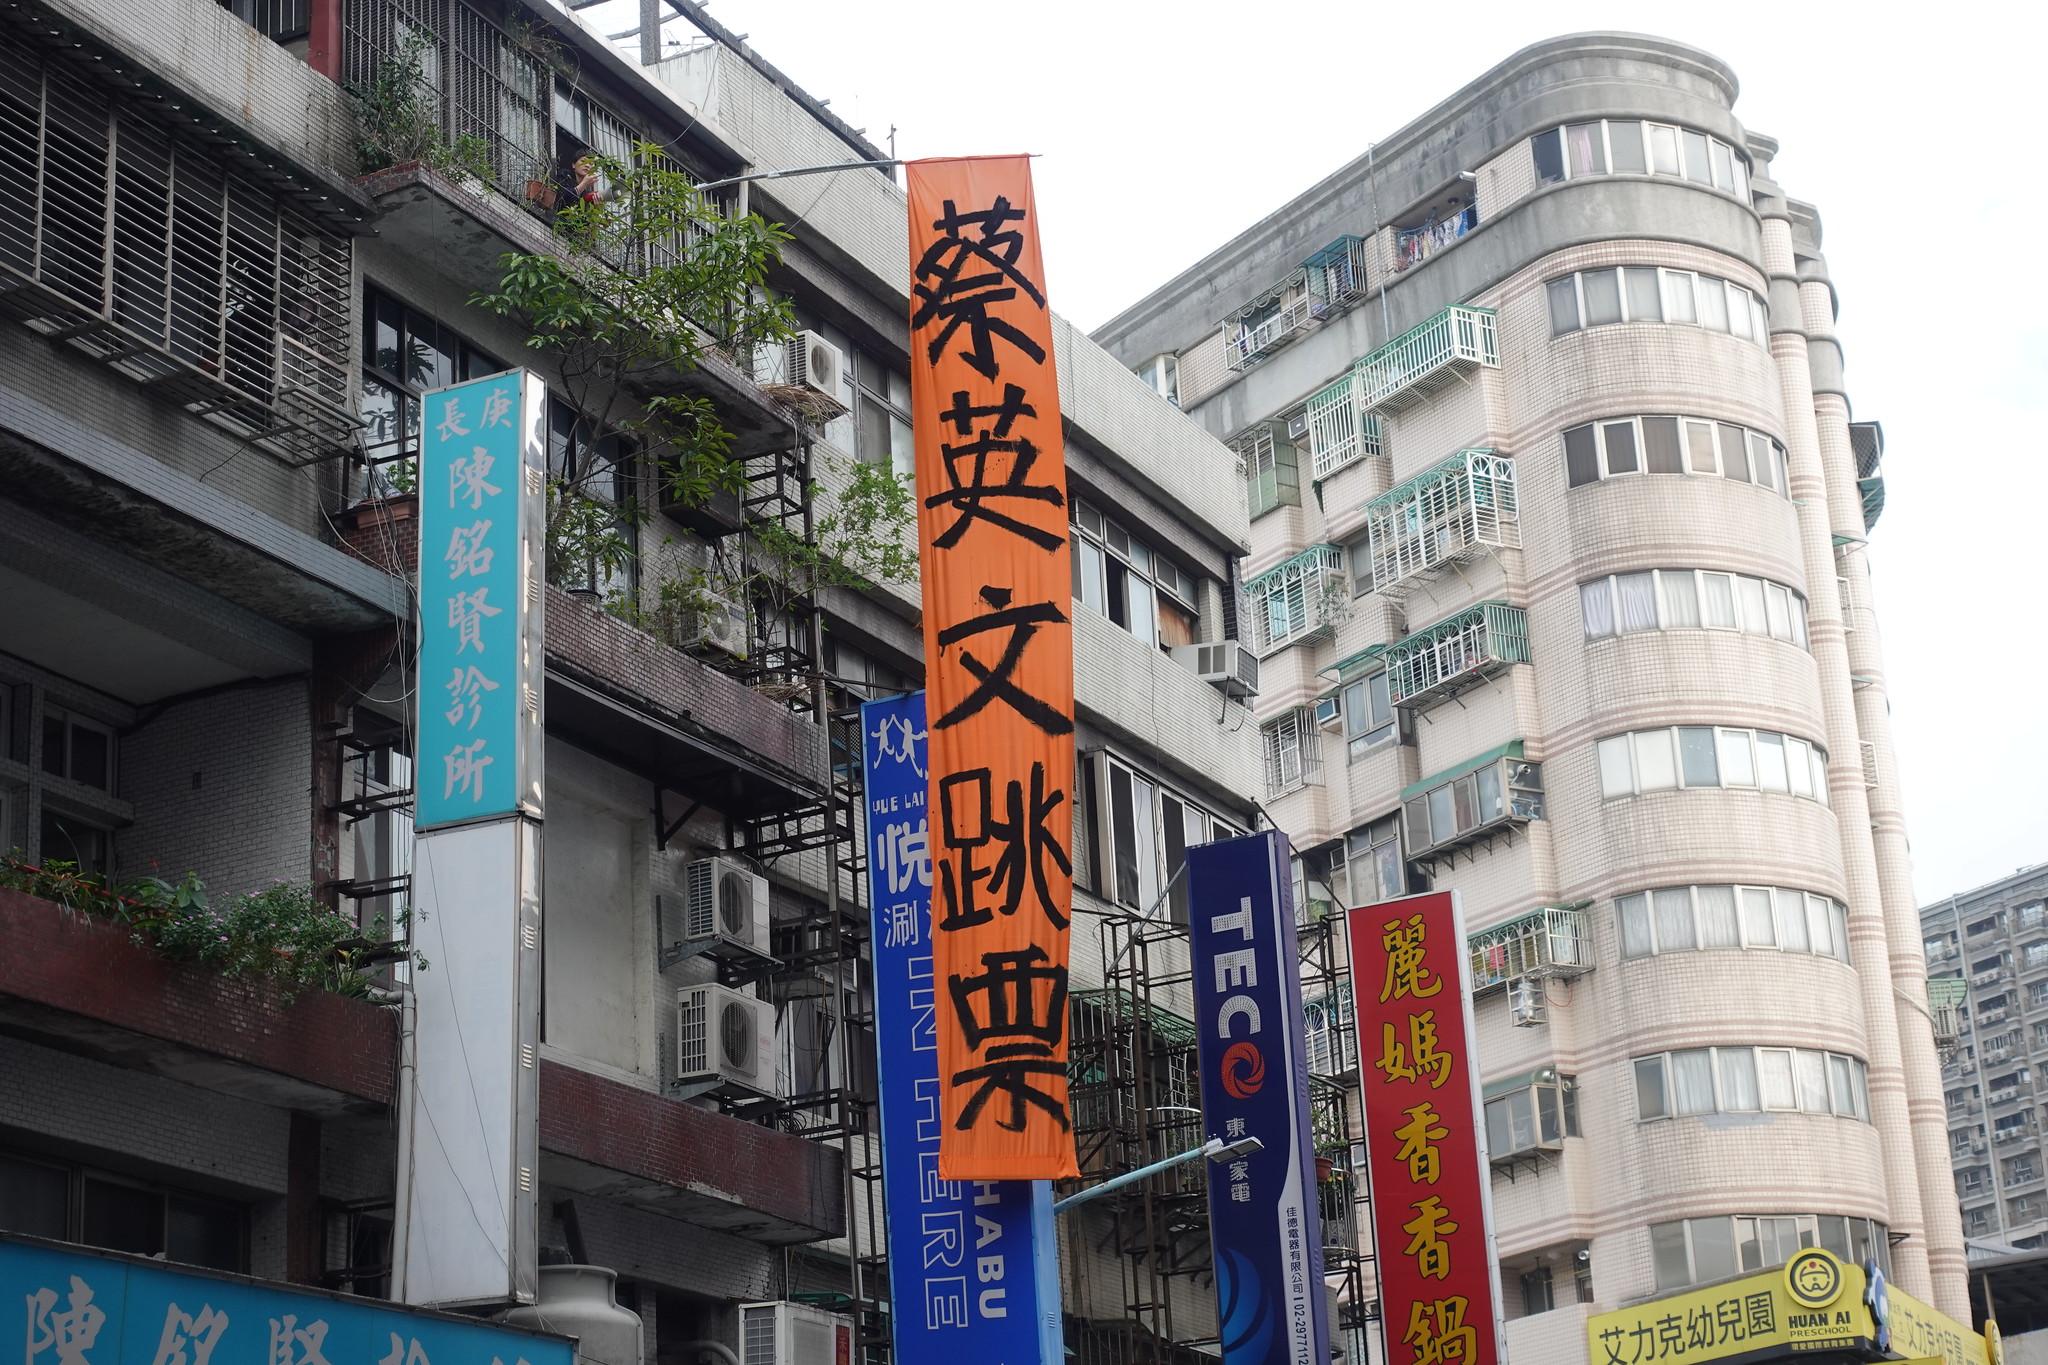 國道收費員自救會從蔡英文掃街沿線公寓頂樓降下「蔡英文跳票」巨大布條。(攝影:張智琦)